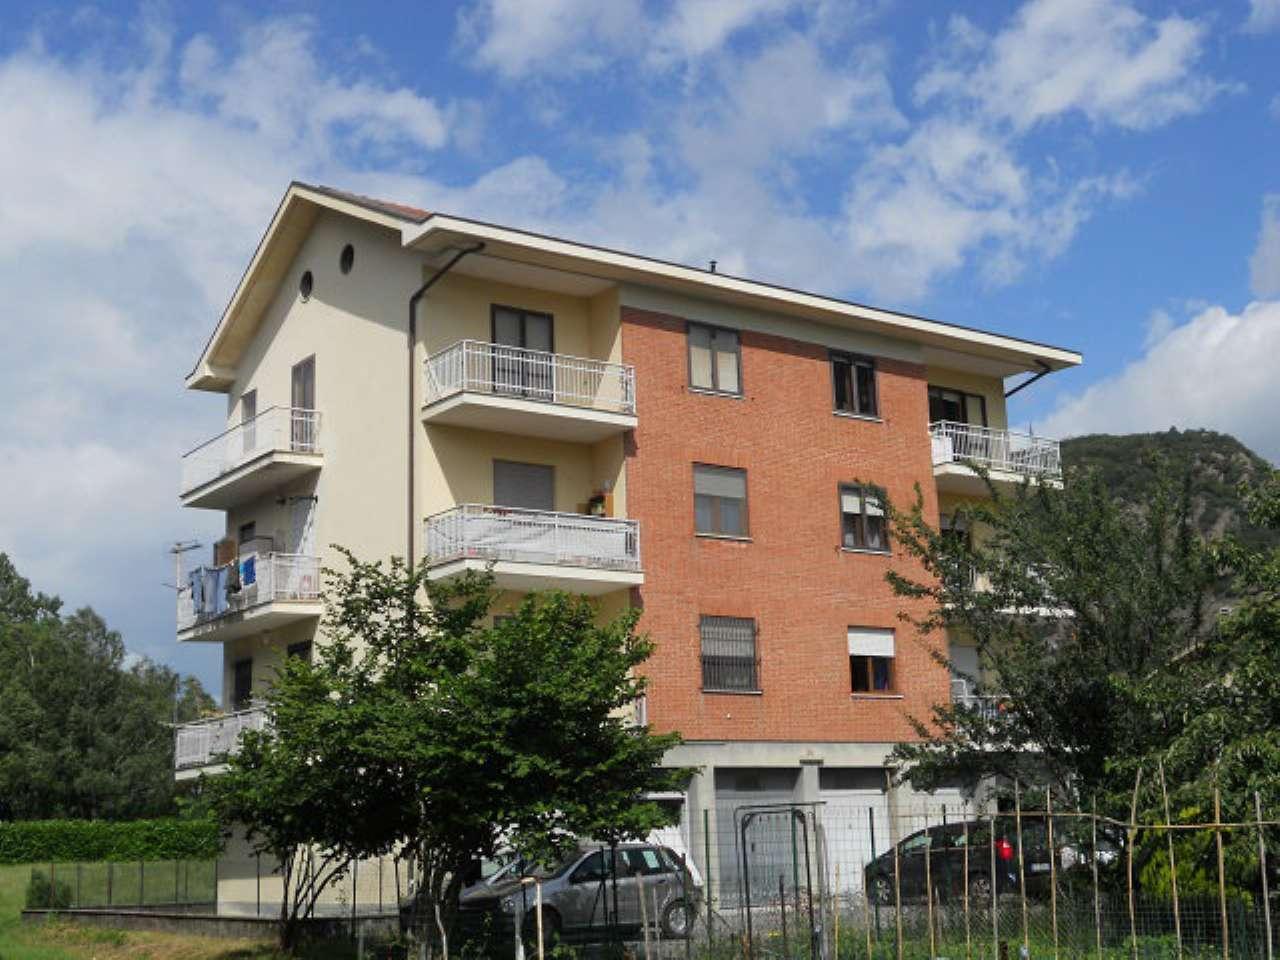 Appartamento in vendita a Borgone Susa, 3 locali, prezzo € 55.000 | CambioCasa.it